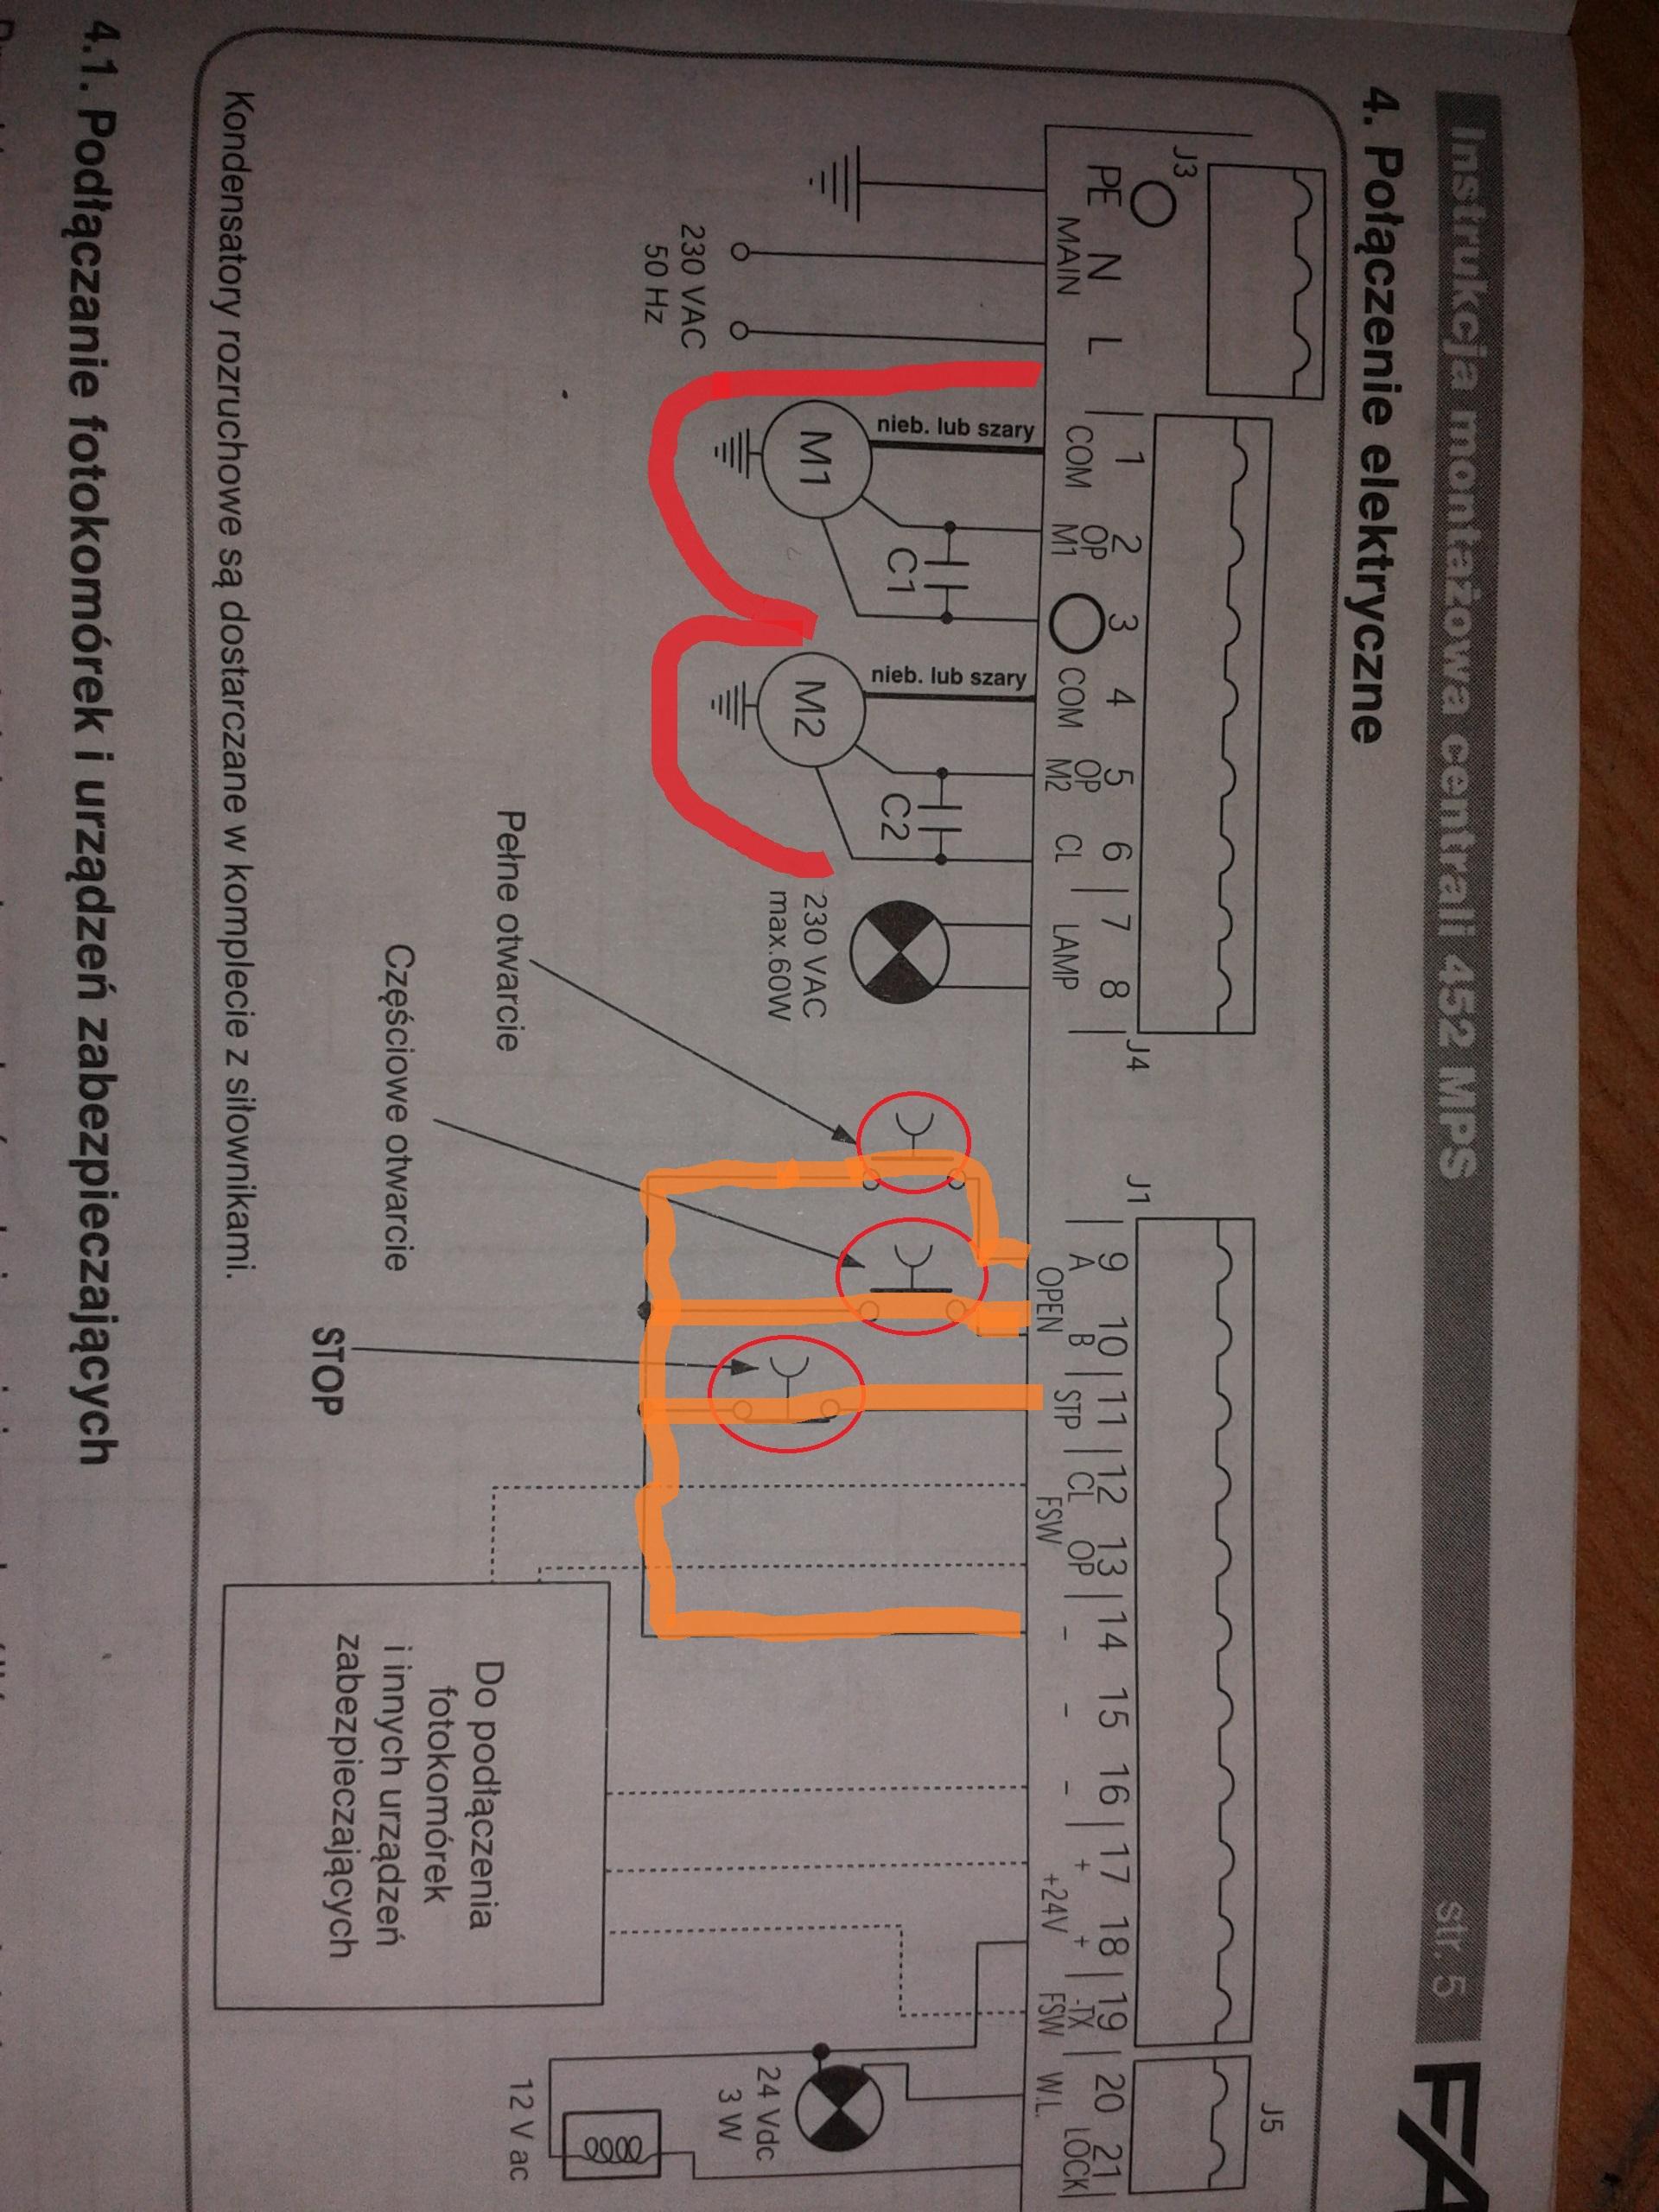 Faac 452 mps pod czenie kondensator w i wyja nienie symbolu for Faac 452 mps schema elettrico